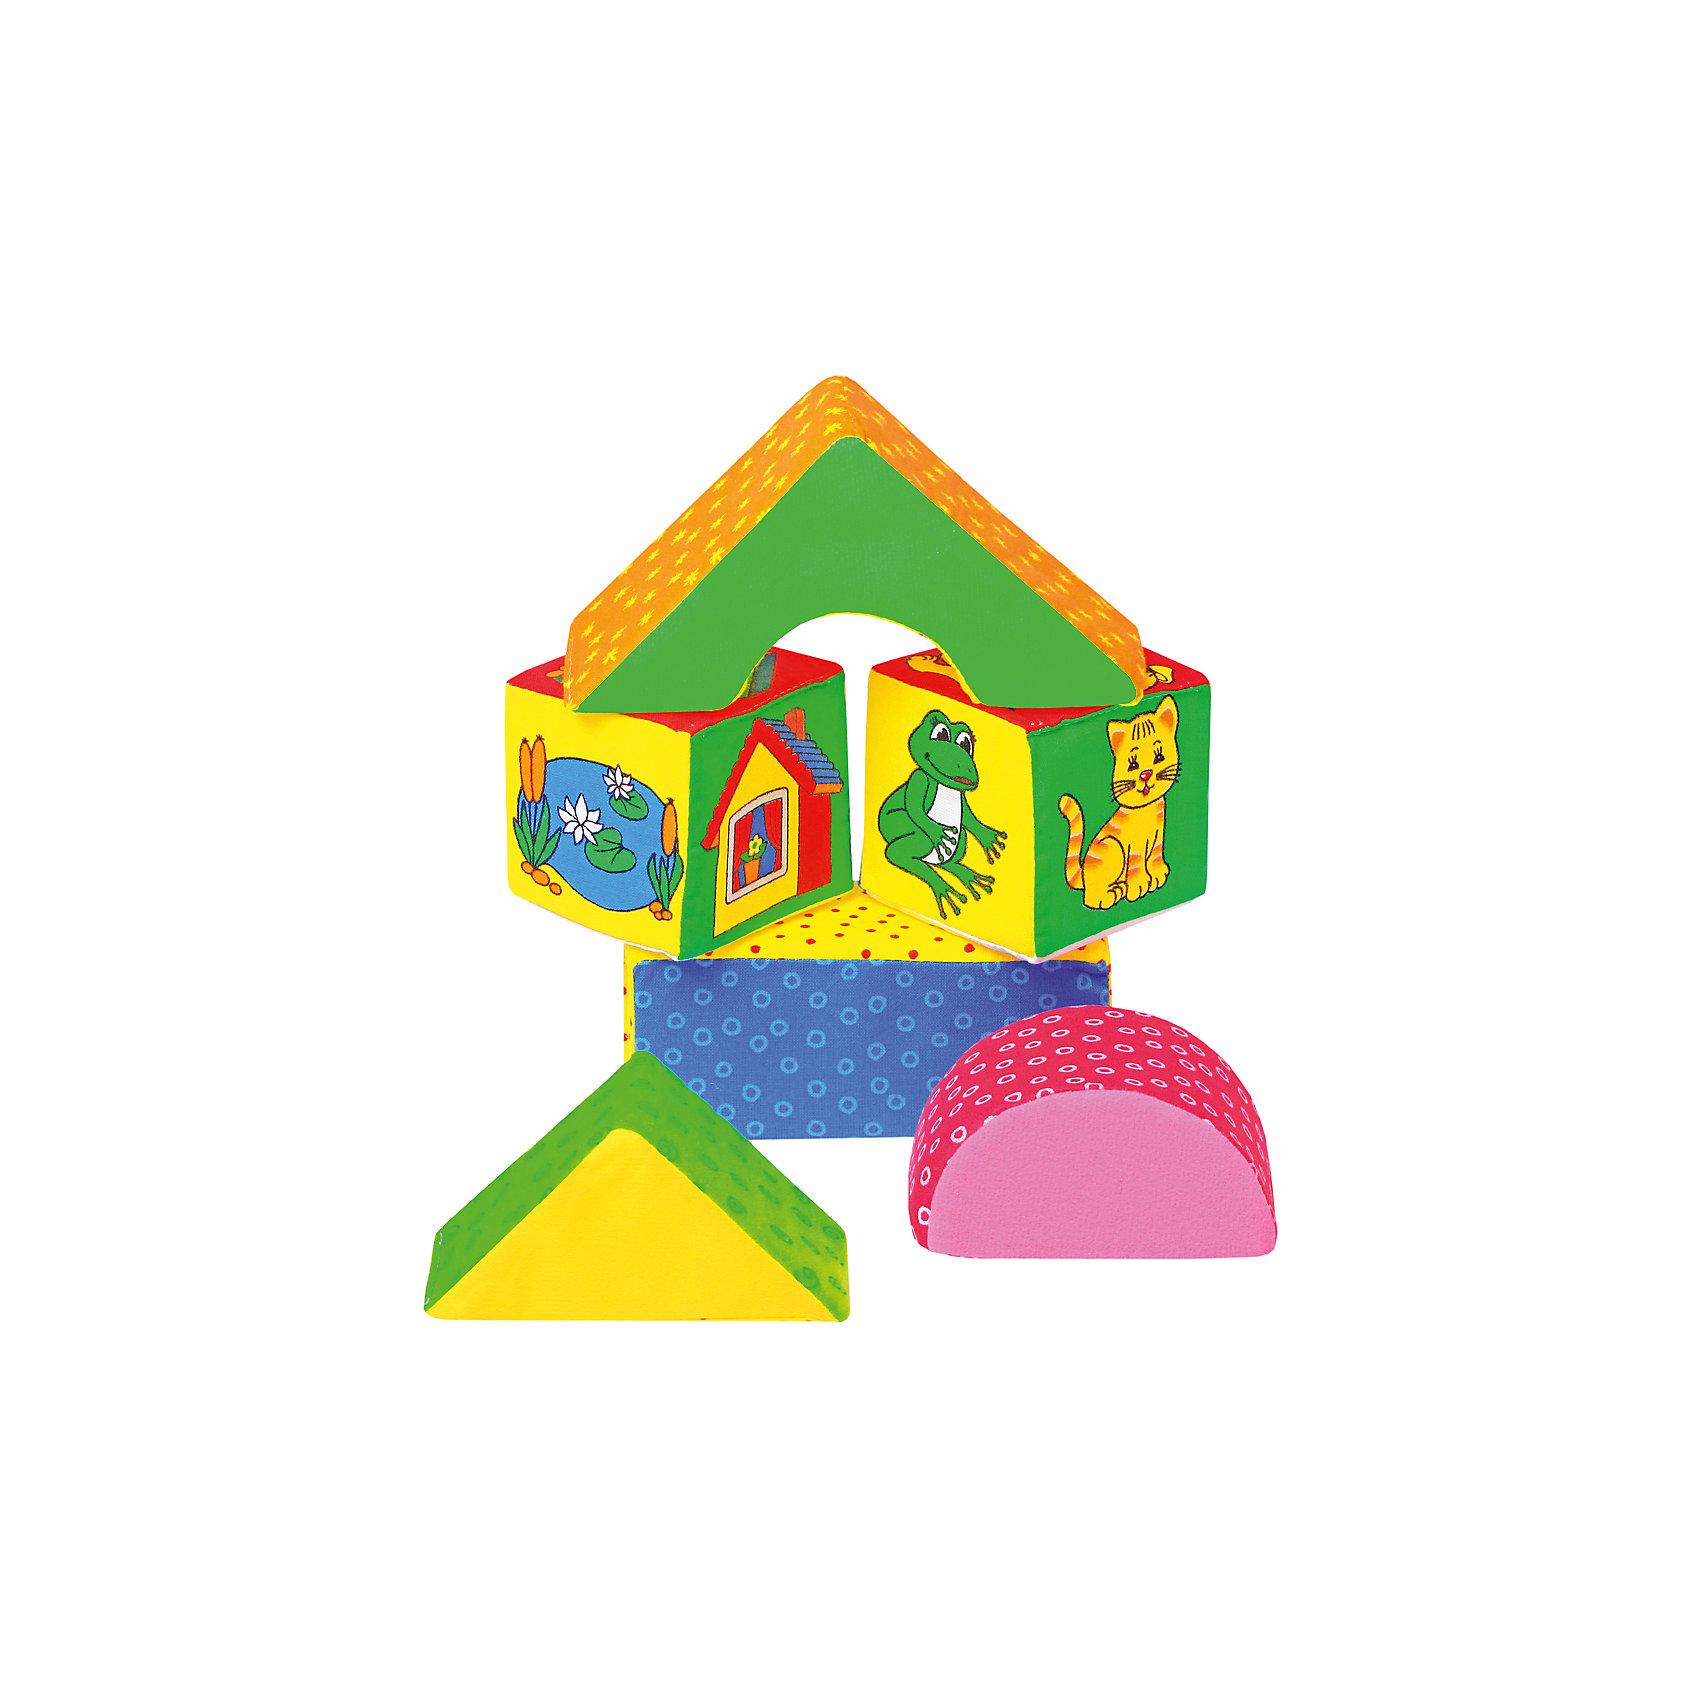 Кубики Домики, МякишиХарактеристики товара:<br><br>• материал: трикотаж, холлофайбер<br>• комплектация: 2 кубика, 2 треугольника, прямоугольник<br>• размер игрушки: 8-14 см<br>• размер упаковки: 20х30 см<br>• развивающая игрушка<br>• упаковка: пакет<br>• страна бренда: РФ<br>• страна изготовитель: РФ<br><br>Малыши активно познают мир и тянутся к новой информации. Чтобы сделать процесс изучения окружающего пространства интереснее, ребенку можно подарить развивающие игрушки. В процессе игры информация усваивается намного лучше!<br>Такие кубики помогут занять малыша, играть ими приятно и весело. Одновременно они позволят познакомиться со многими цветами, формами, фактурами и предметами, которые ребенку предстоит встретить. Такие игрушки развивают тактильные ощущения, моторику, цветовосприятие, логику, воображение, учат фокусировать внимание. Каждое изделие абсолютно безопасно – оно создано из качественной ткани с мягким наполнителем. Игрушки производятся из качественных и проверенных материалов, которые безопасны для детей.<br><br>Кубики Домики от бренда Мякиши можно купить в нашем интернет-магазине.<br><br>Ширина мм: 140<br>Глубина мм: 70<br>Высота мм: 280<br>Вес г: 80<br>Возраст от месяцев: 12<br>Возраст до месяцев: 36<br>Пол: Унисекс<br>Возраст: Детский<br>SKU: 5183162